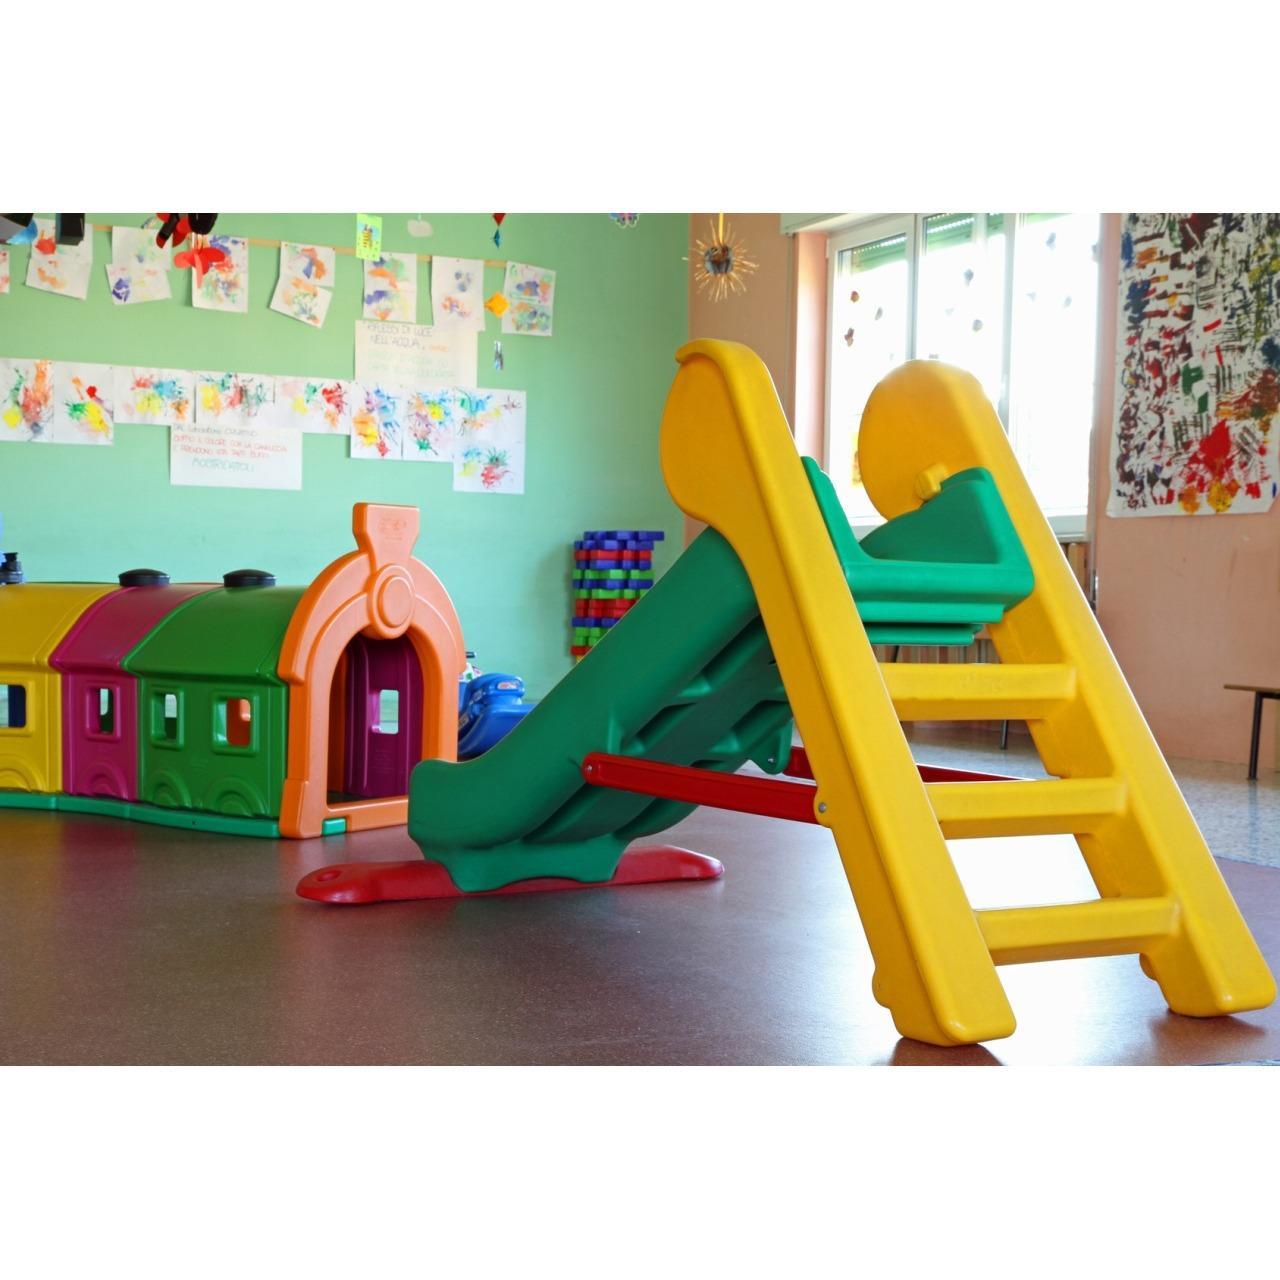 Niepubliczne Przedszkole My English Nursery School